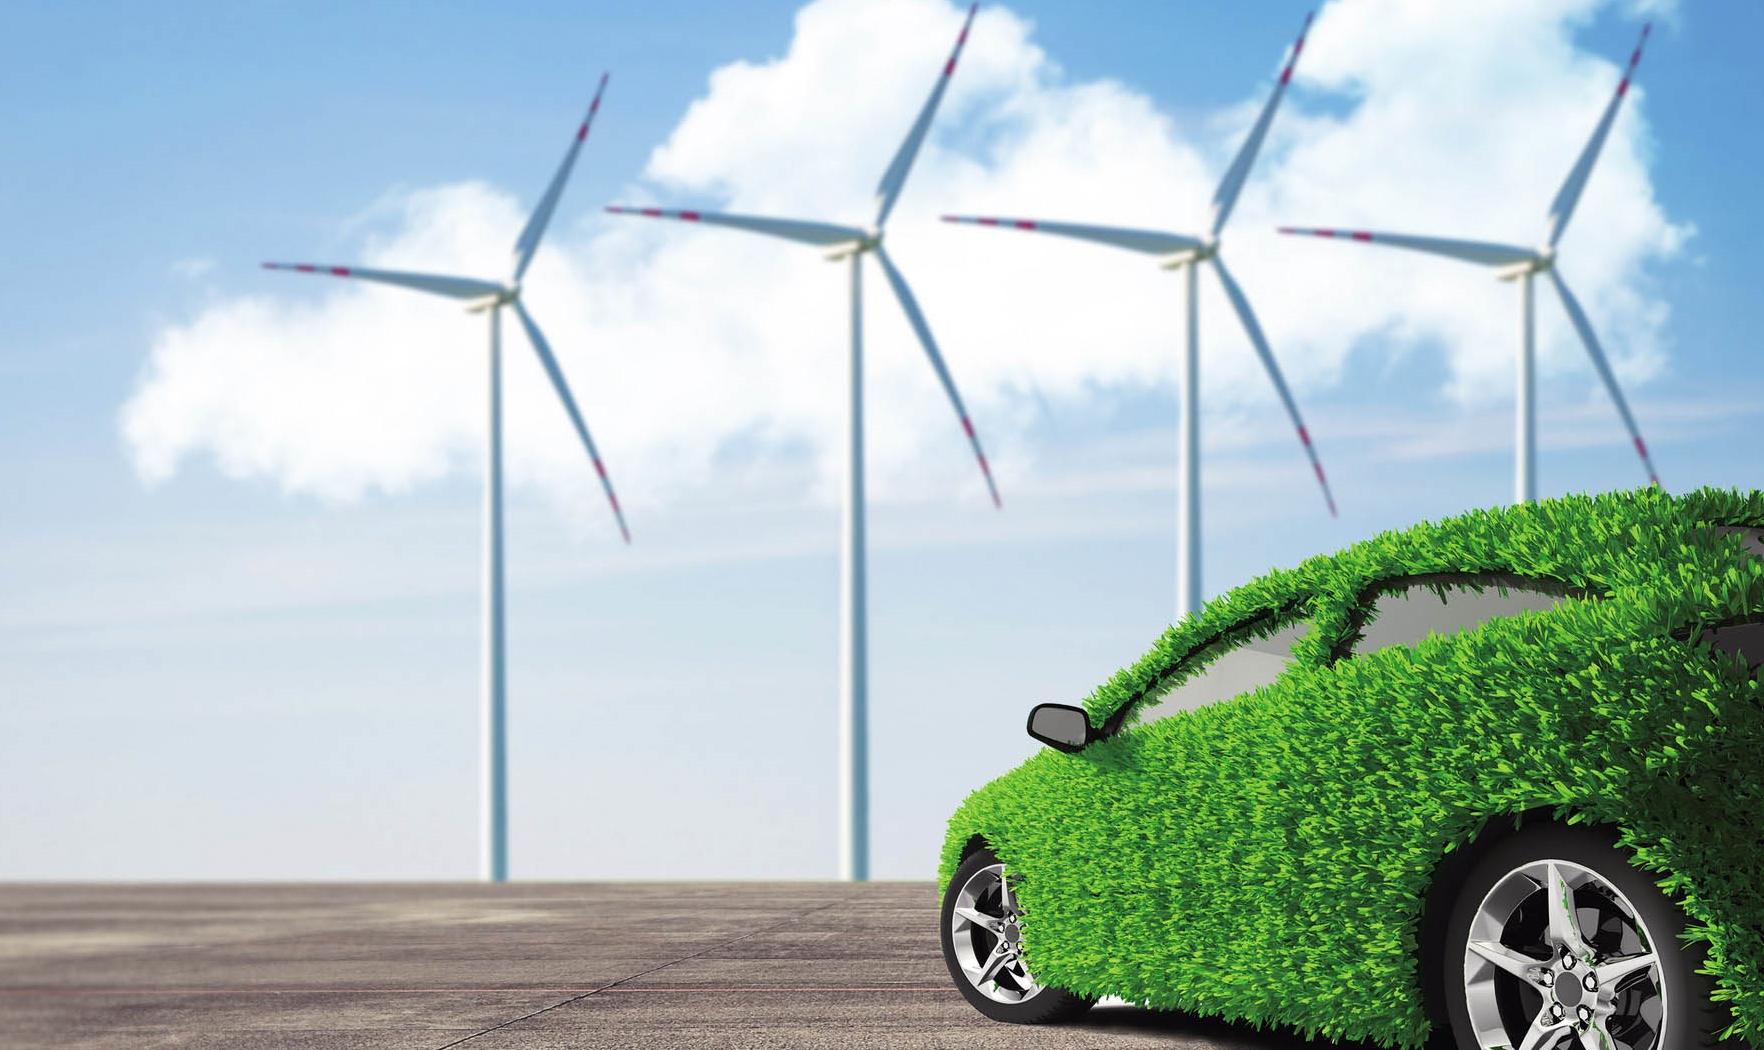 银河电子:后续将重点聚焦新能源电动汽车关键零部件和军工装备产业